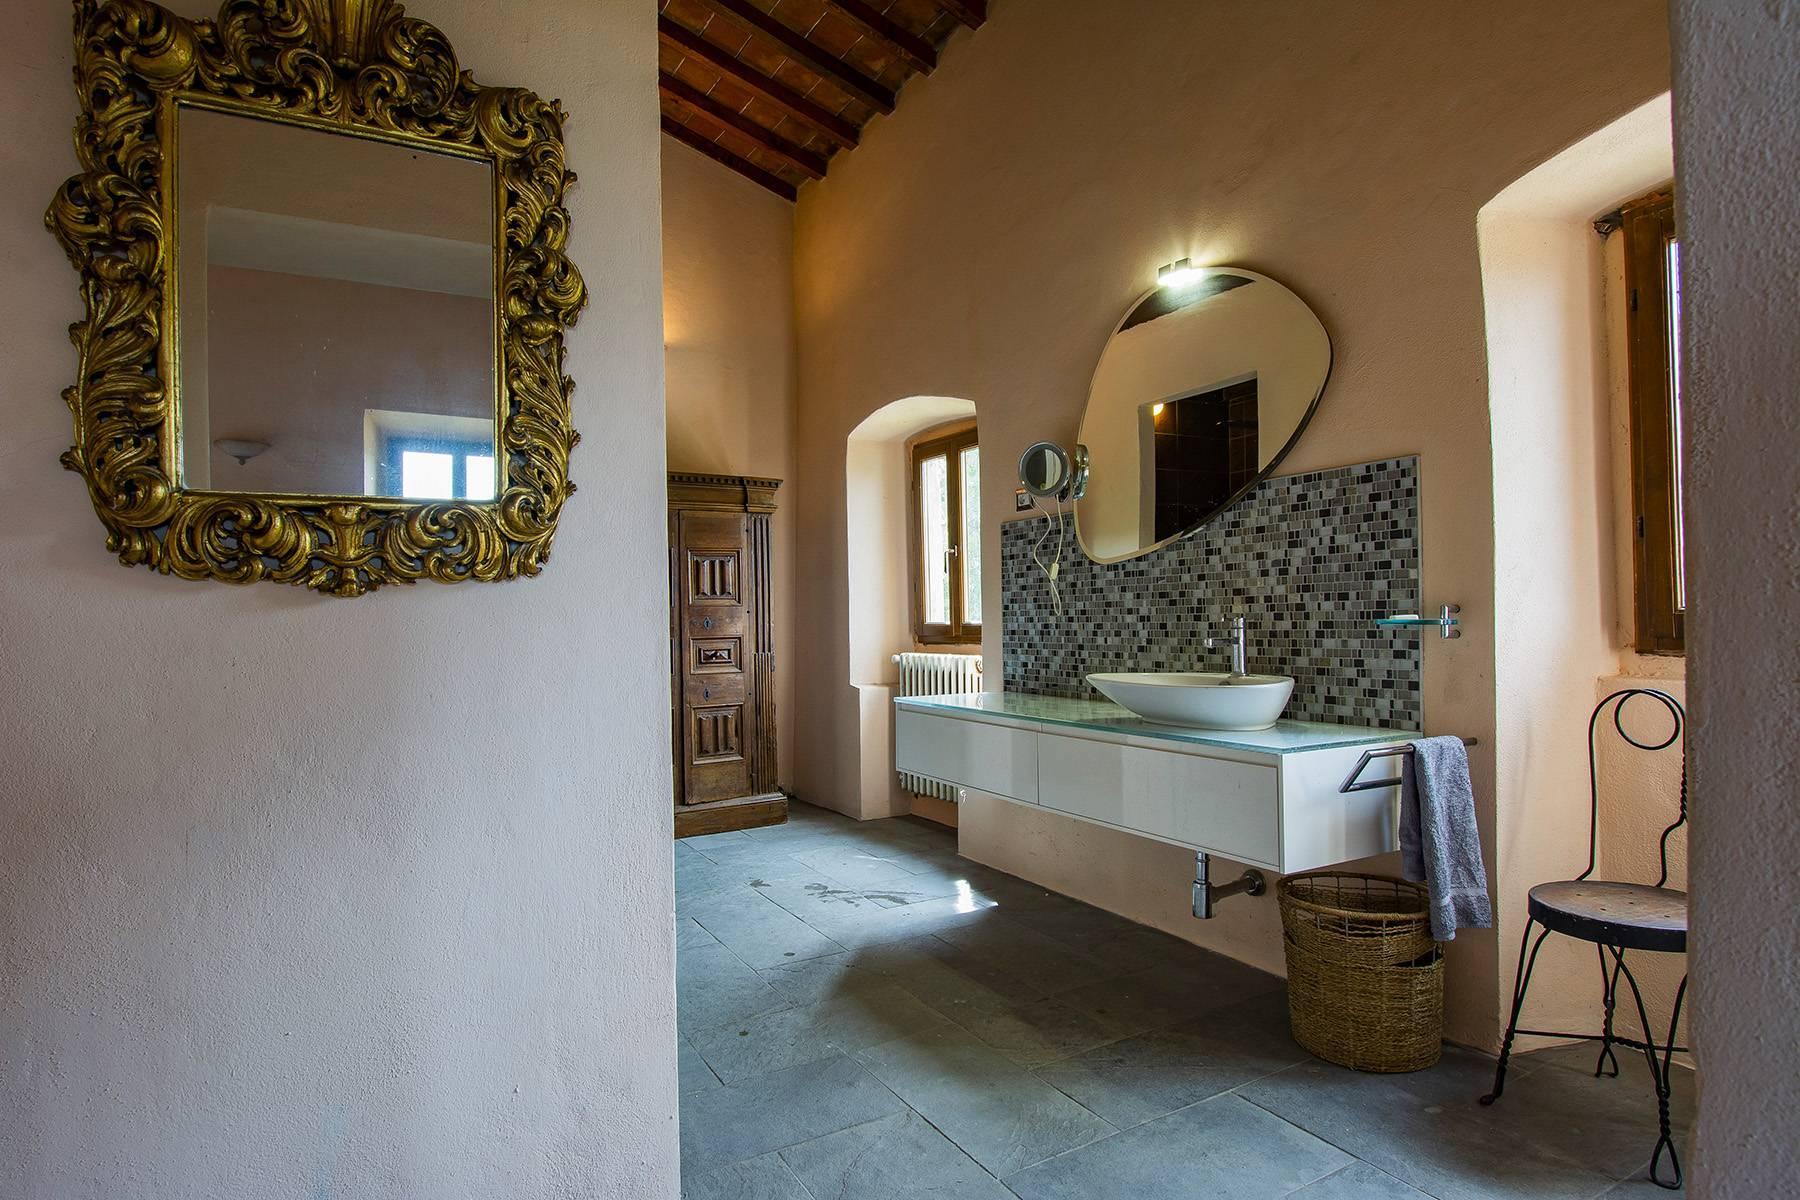 Panorama-Renaissance-Villa mit Garten im italienischen Stil - 14